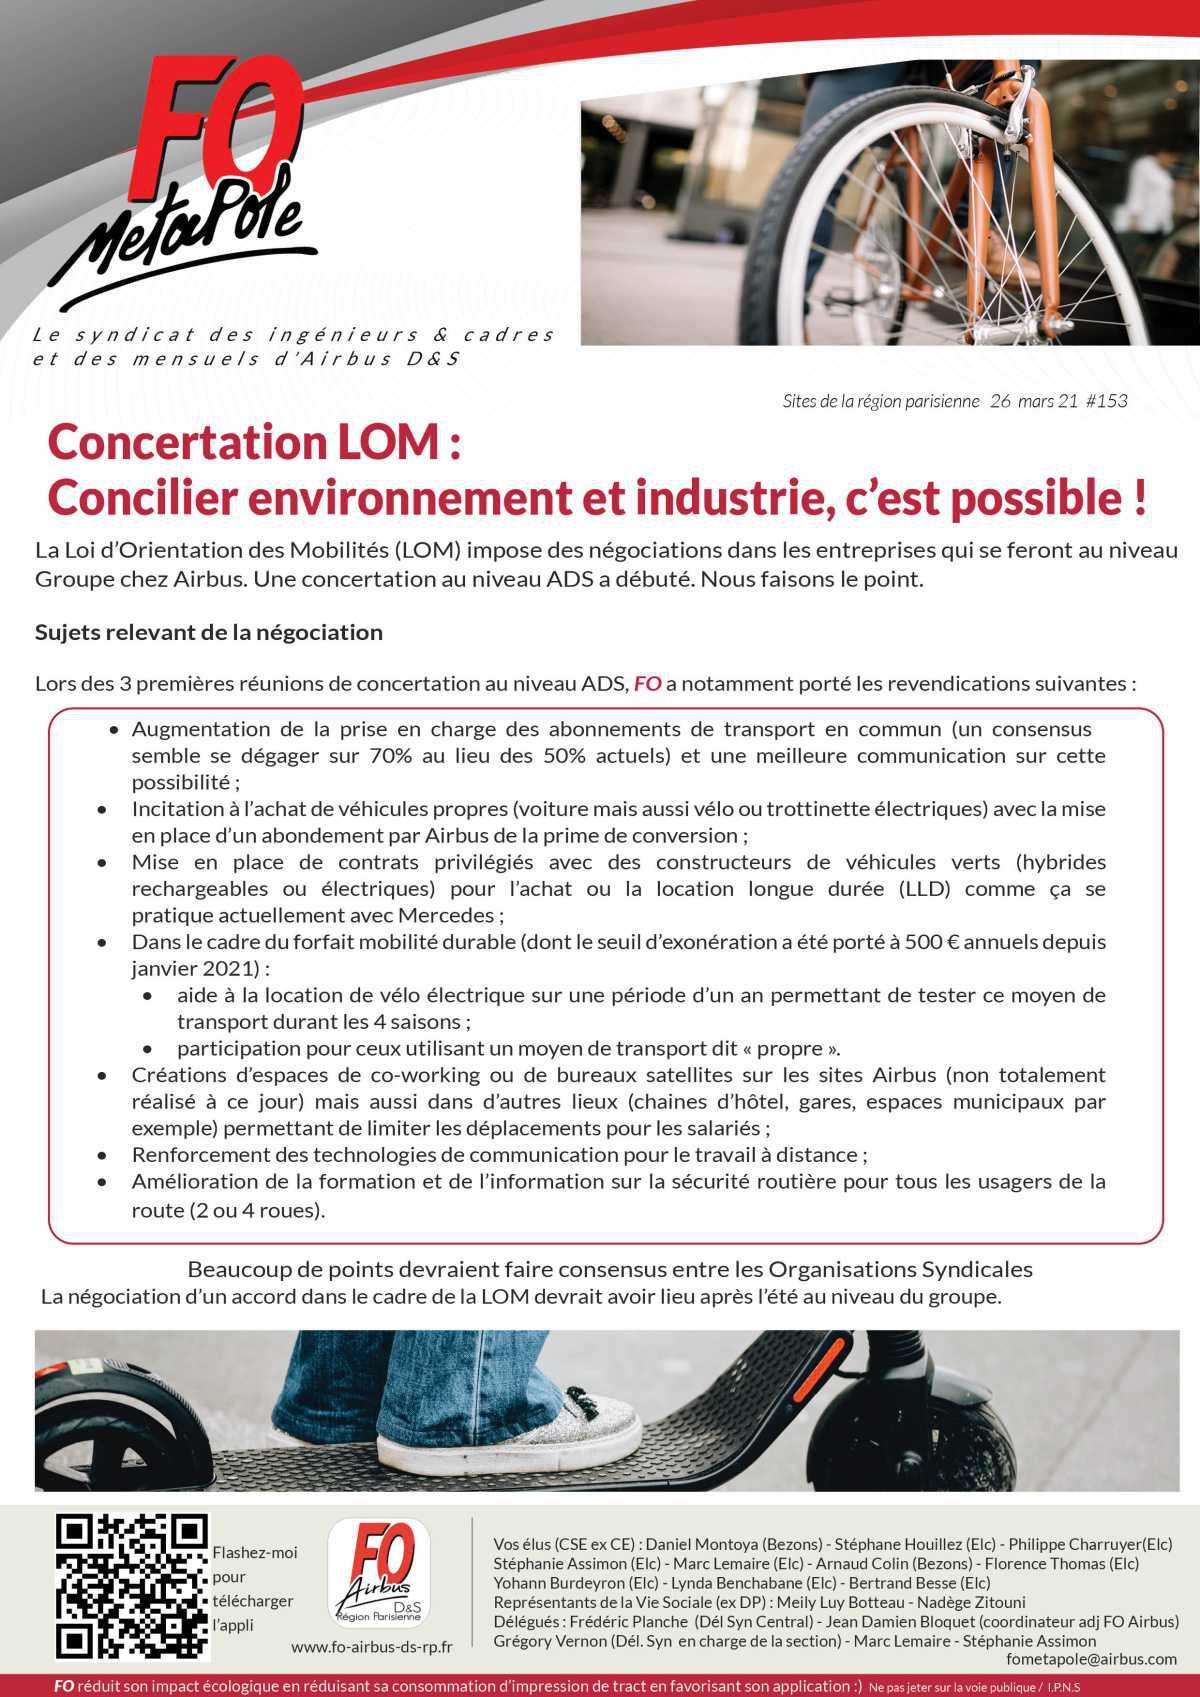 Mobilité (LOM): Concilier environnement et industrie, c'est possible !